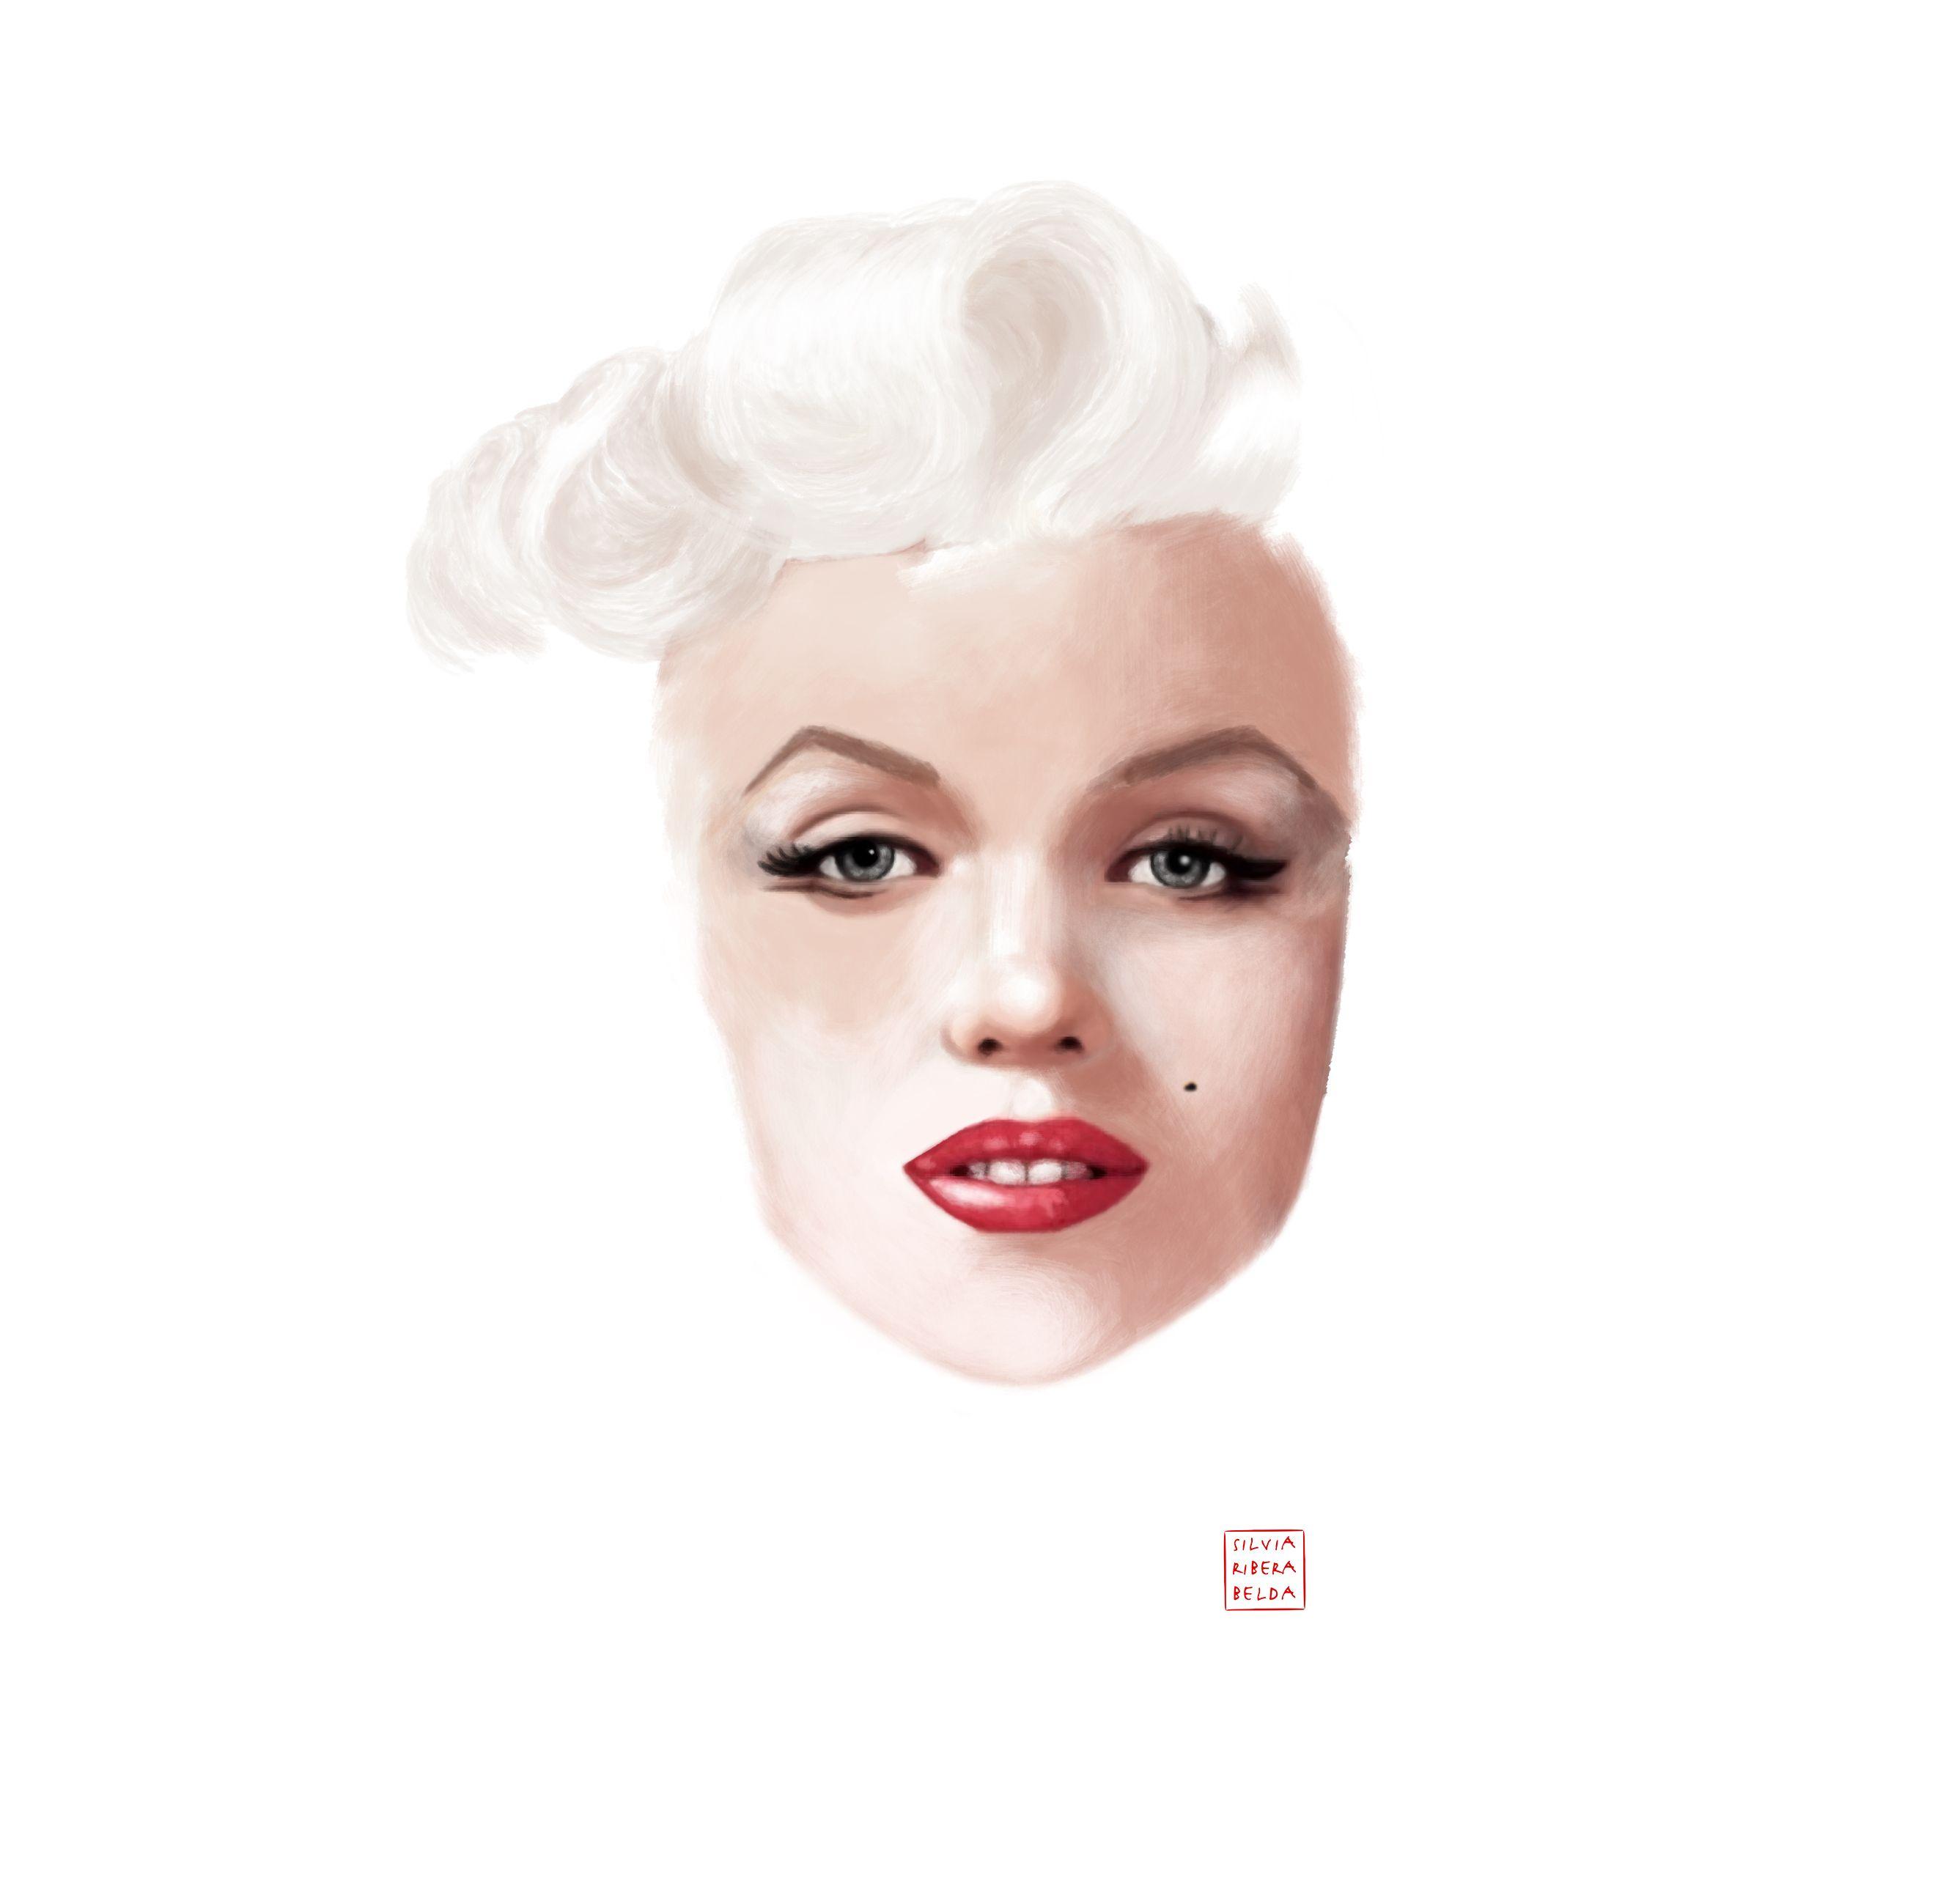 """""""Creo que es muy elegante tener imaginación. Yo no tengo nada de eso, tengo muchas otras cosas, pero imaginación, no"""". Marilyn Monroe en """"La tentación vive arriba"""""""